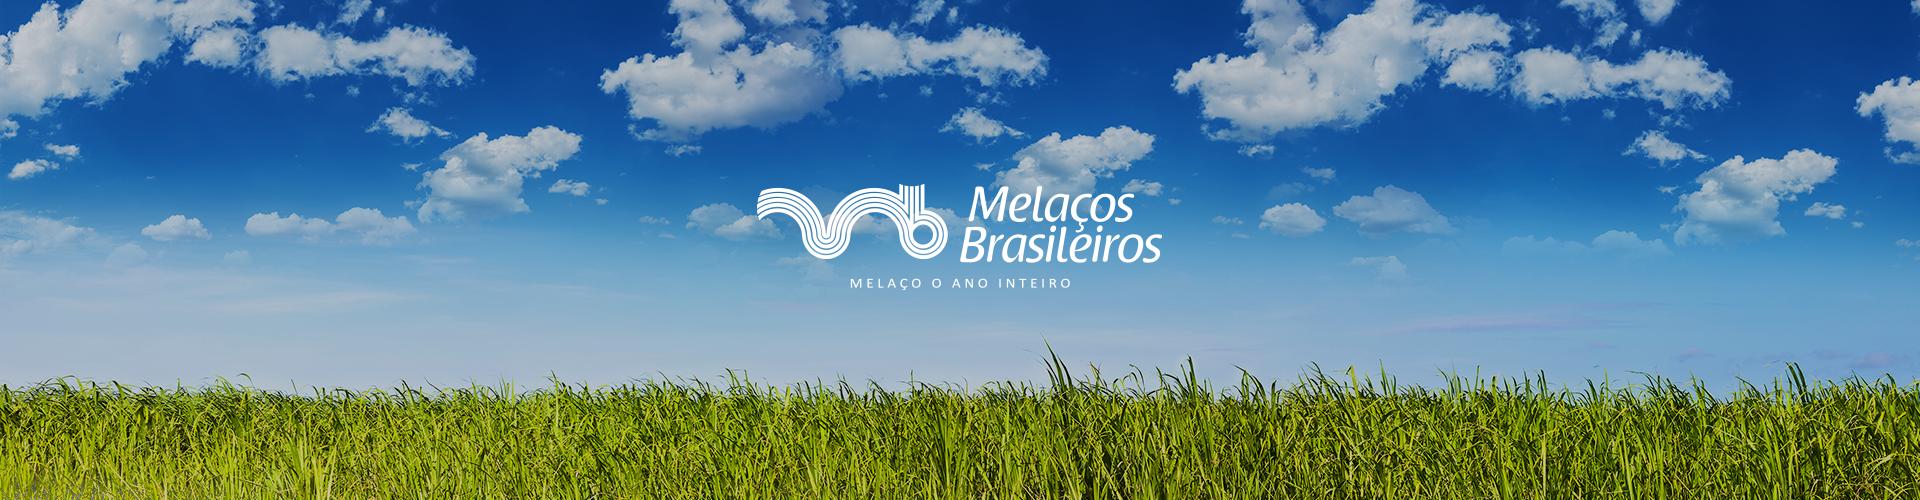 Banner-Melacos-2019-001